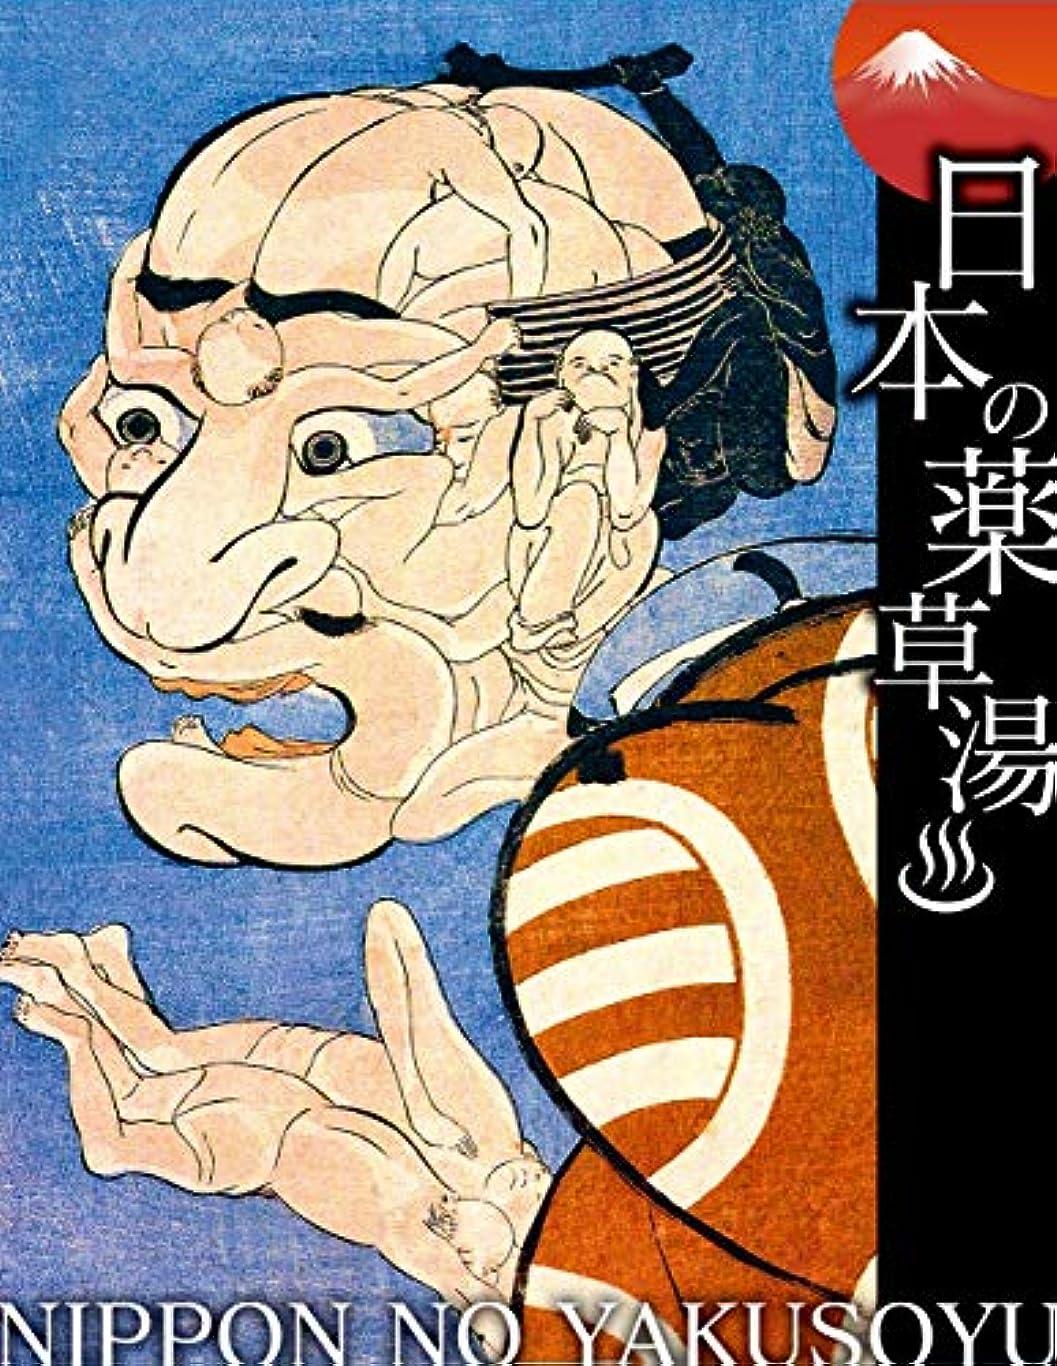 課す旧正月神聖日本の薬草湯 みかけハこハゐがとんだいゝ人だ